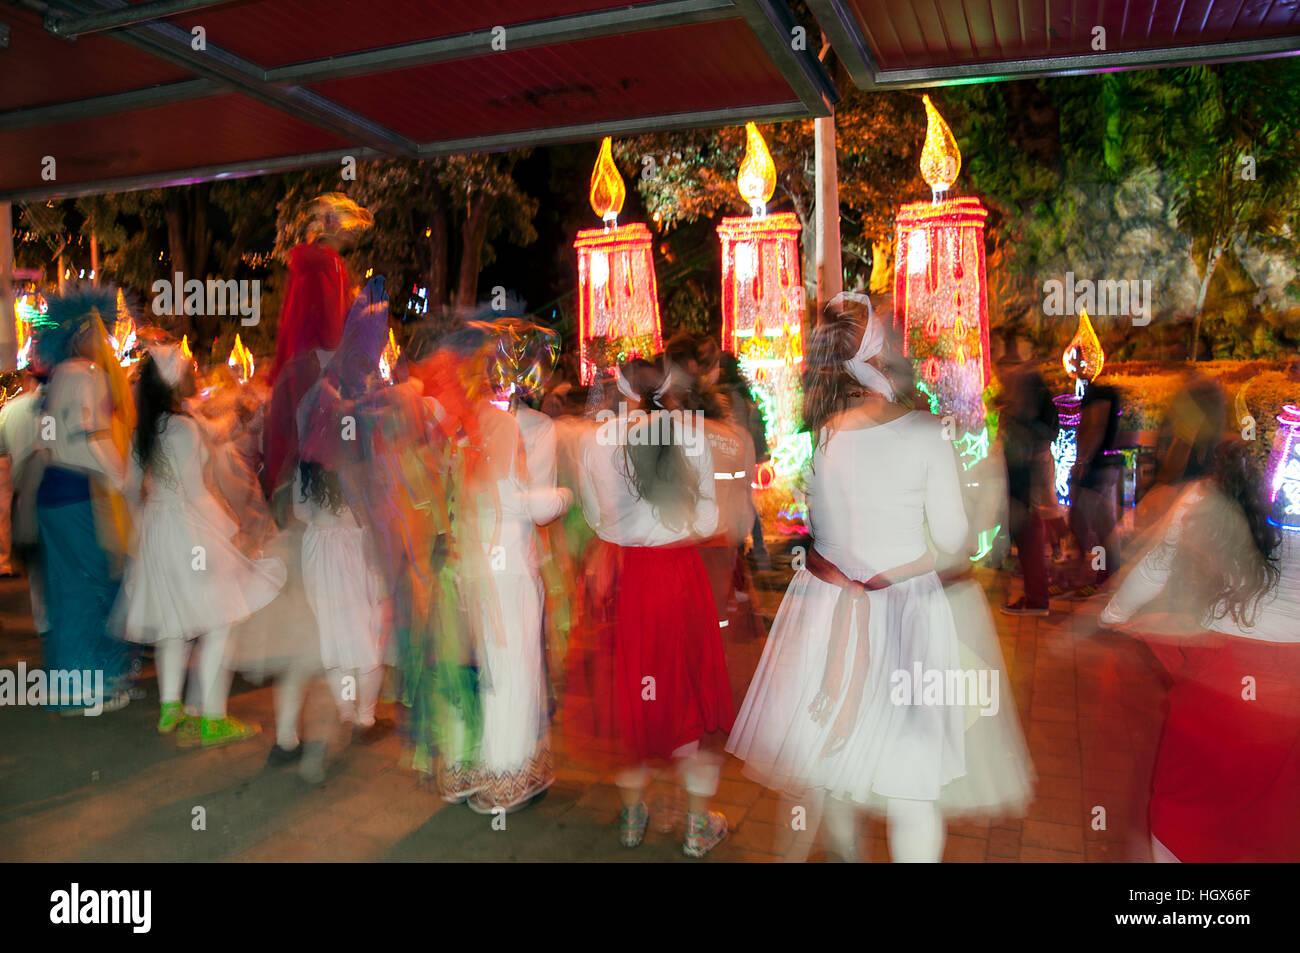 Medellin, Colombia - 14 dicembre 2016: i bambini danza con costumi colorati in North Park (Parque Norte) Medellin, Immagini Stock